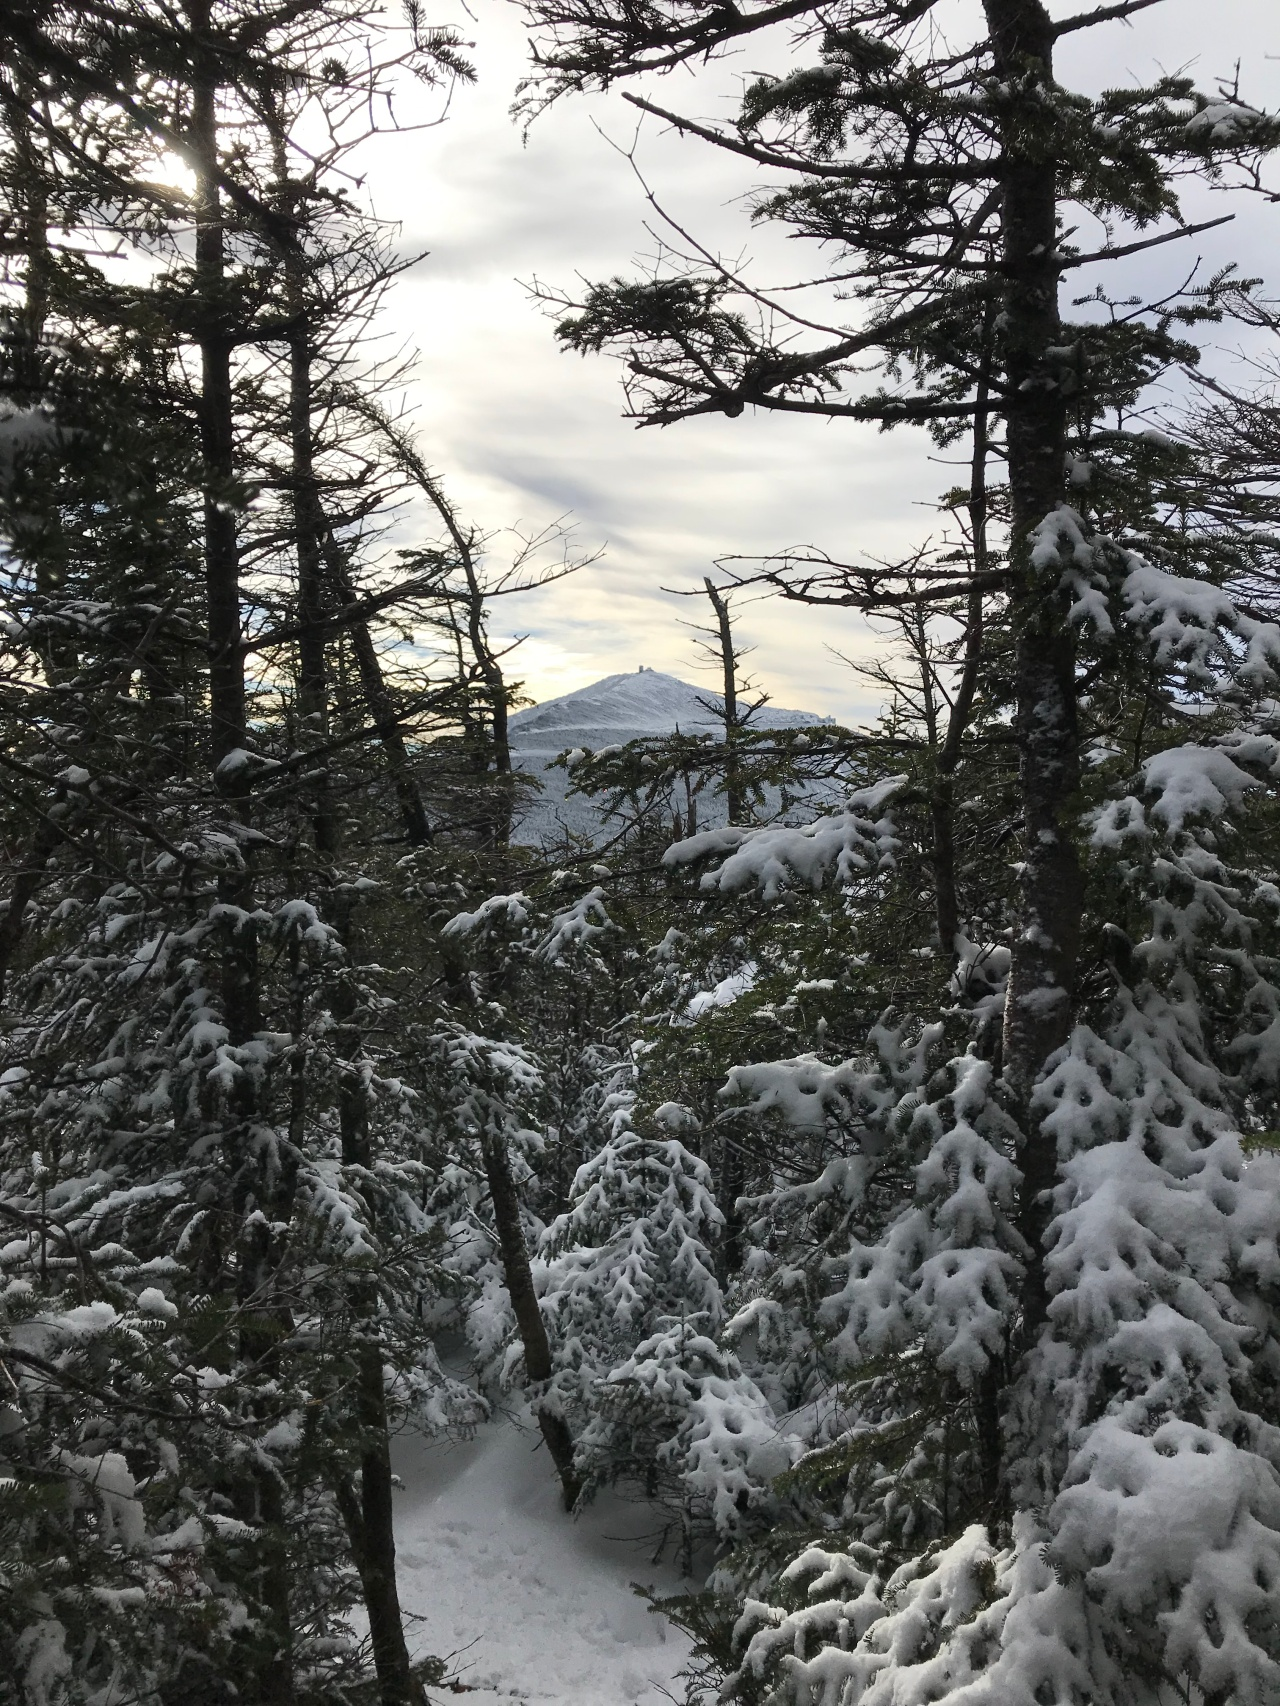 whiteface mountain through the trees